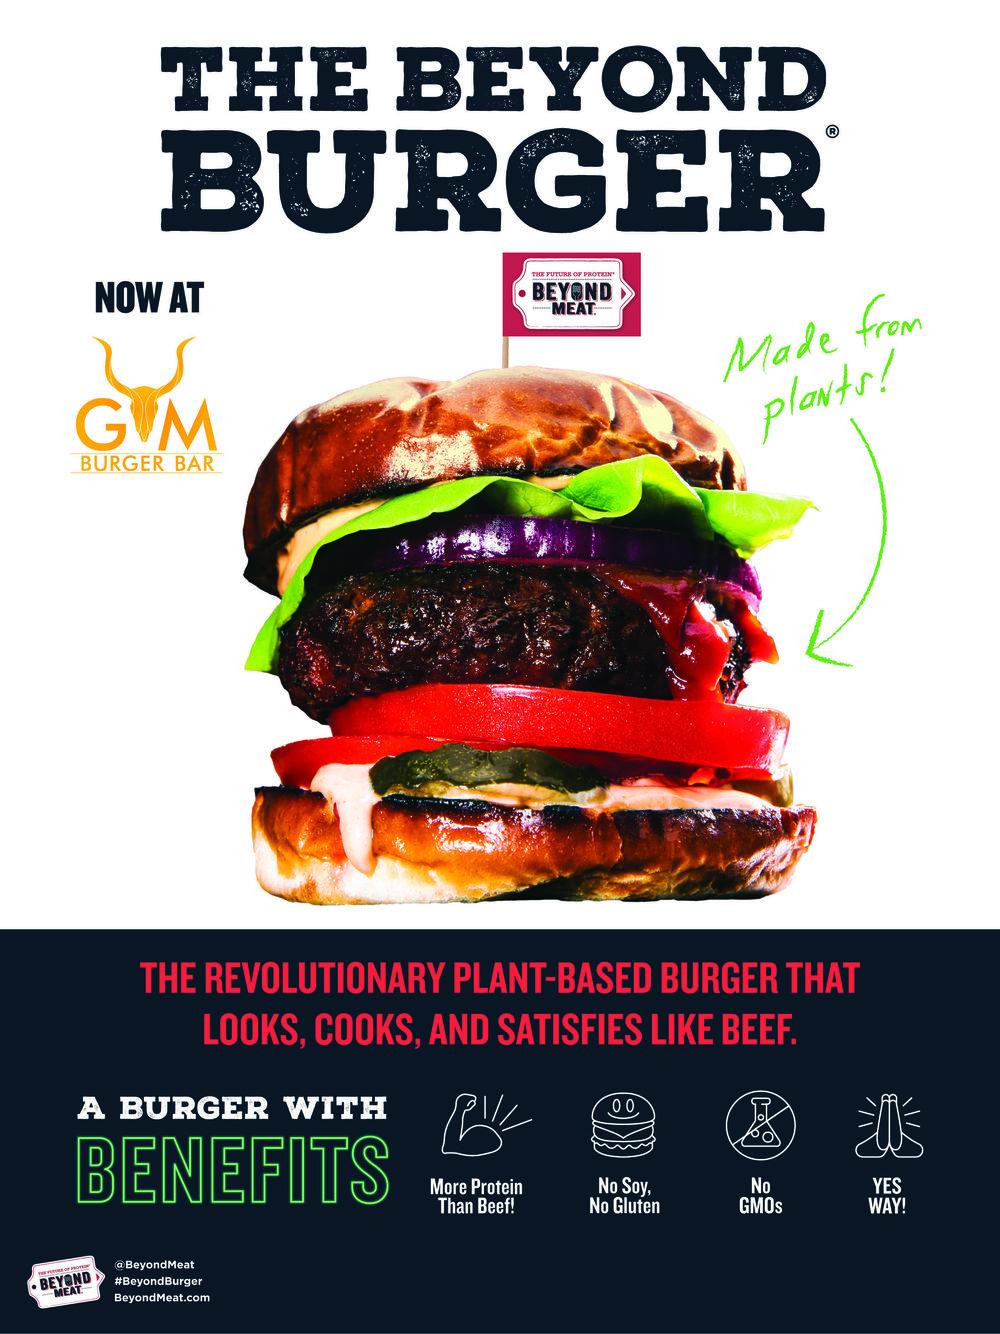 Beyond Burger promotion, plant based burger